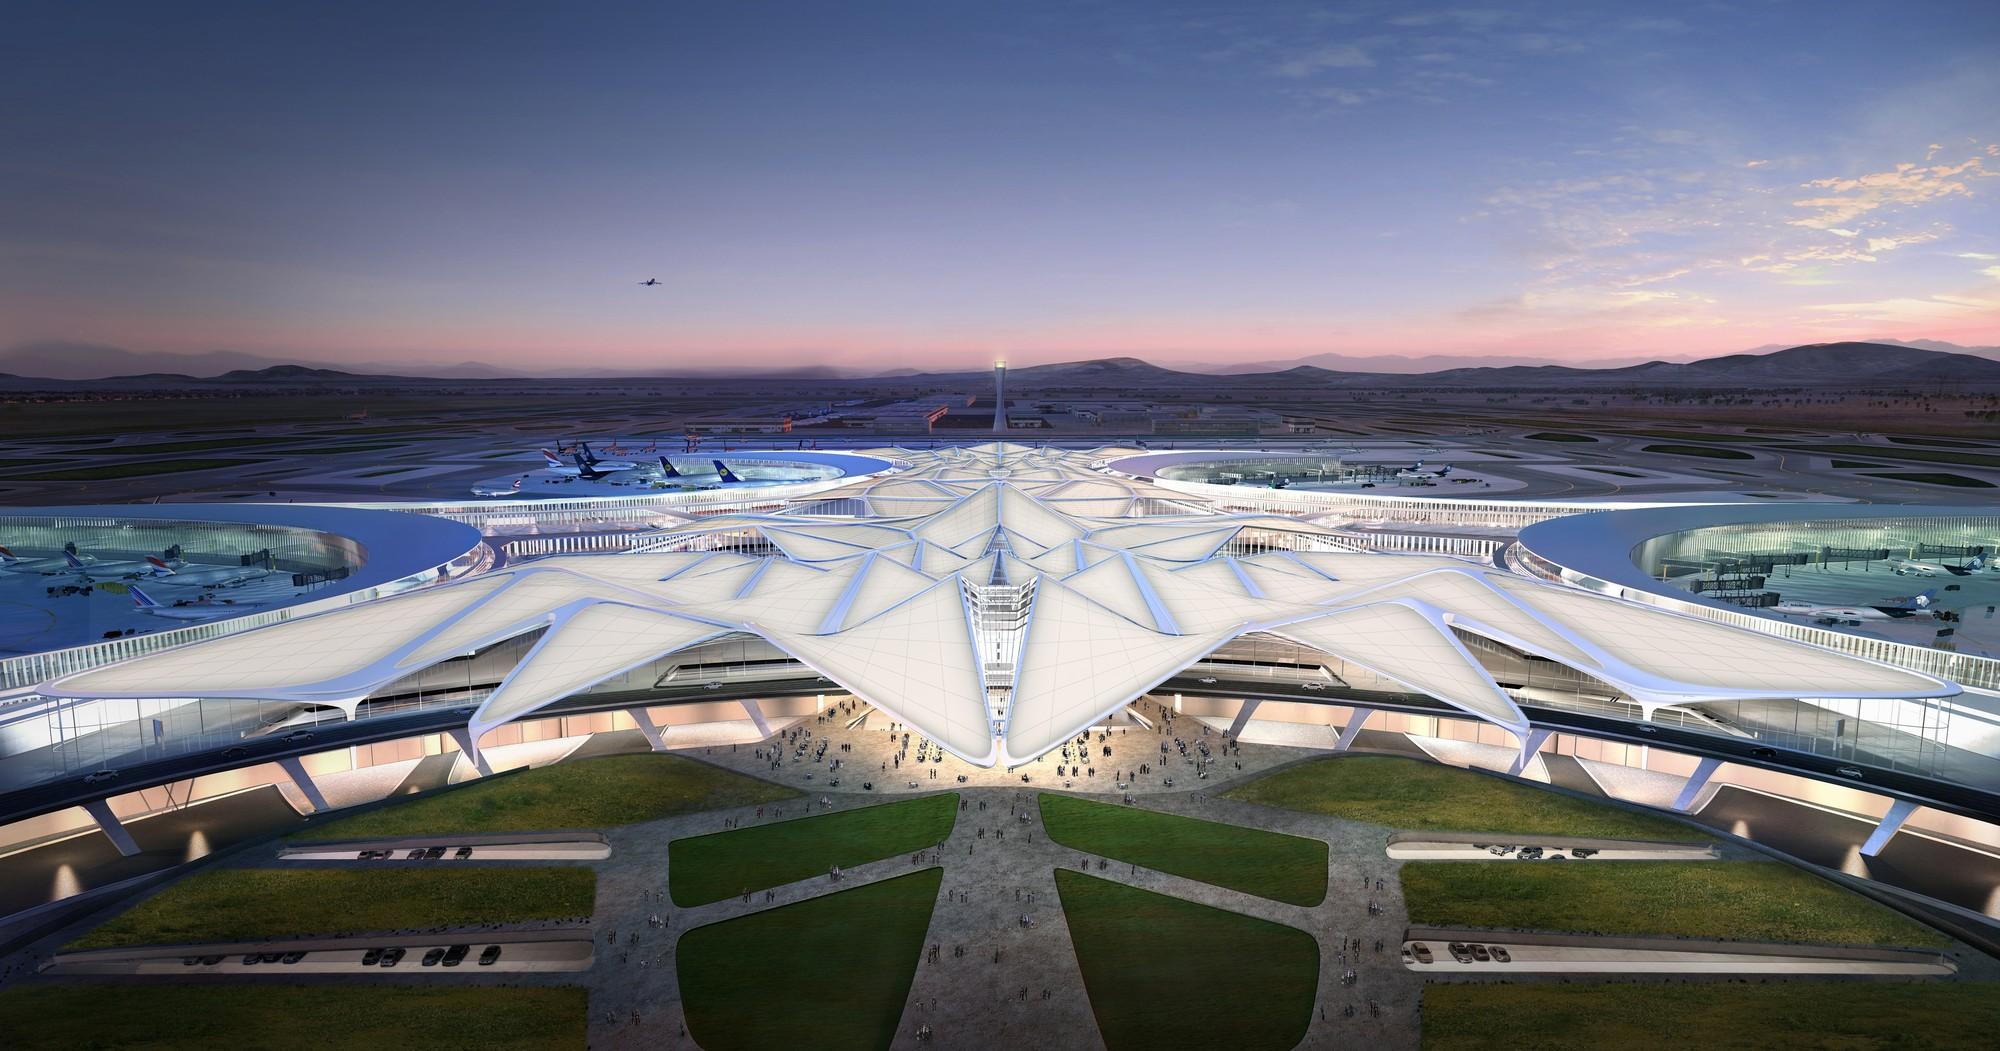 Serrano Arquitectos + Zaha Hadid Architects presentan su propuesta del Nuevo Aeropuerto Internacional de la Ciudad de México, Cortesia de Serrano Arquitectos + Zaha Hadid Architects